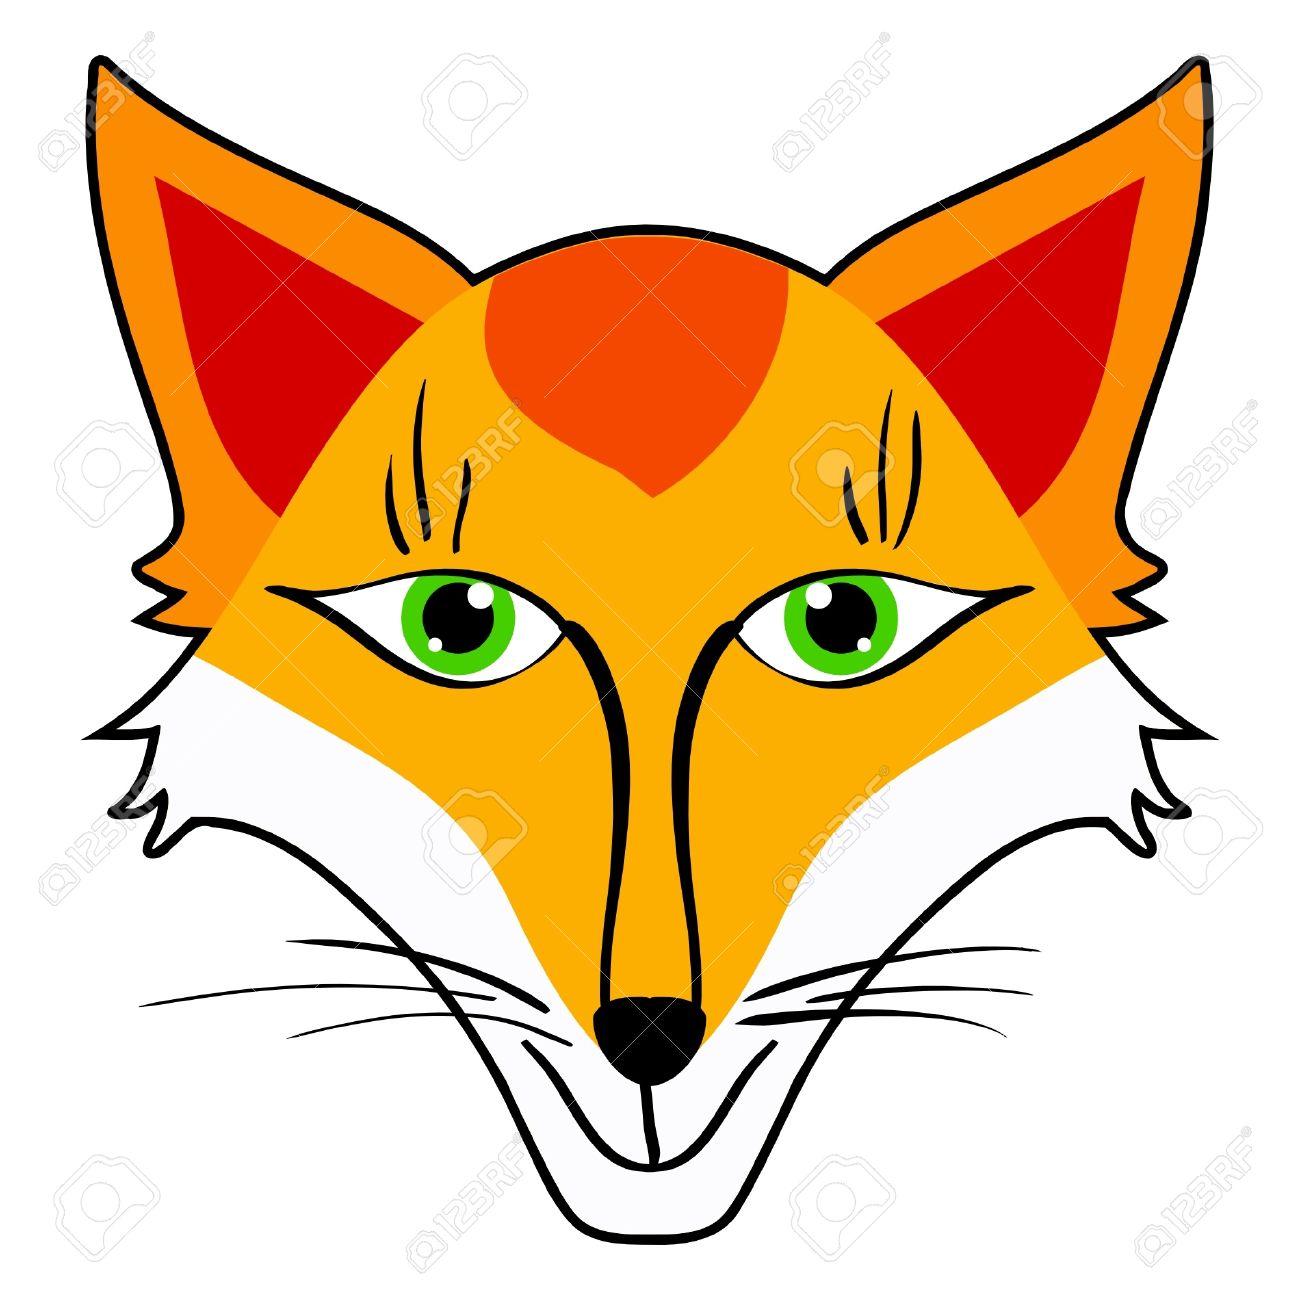 Cartoon vector illustration of head of sly fox Stock Vector - 11611083